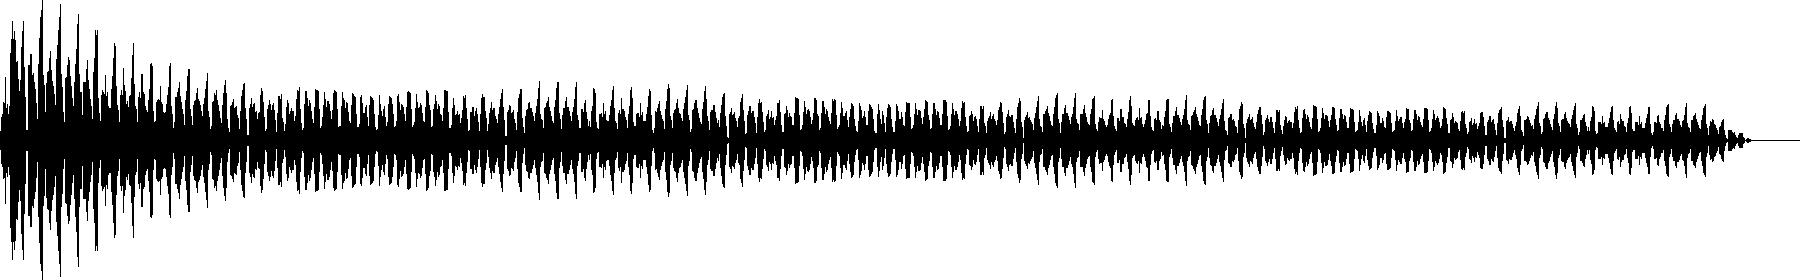 veh2 synths   023 c